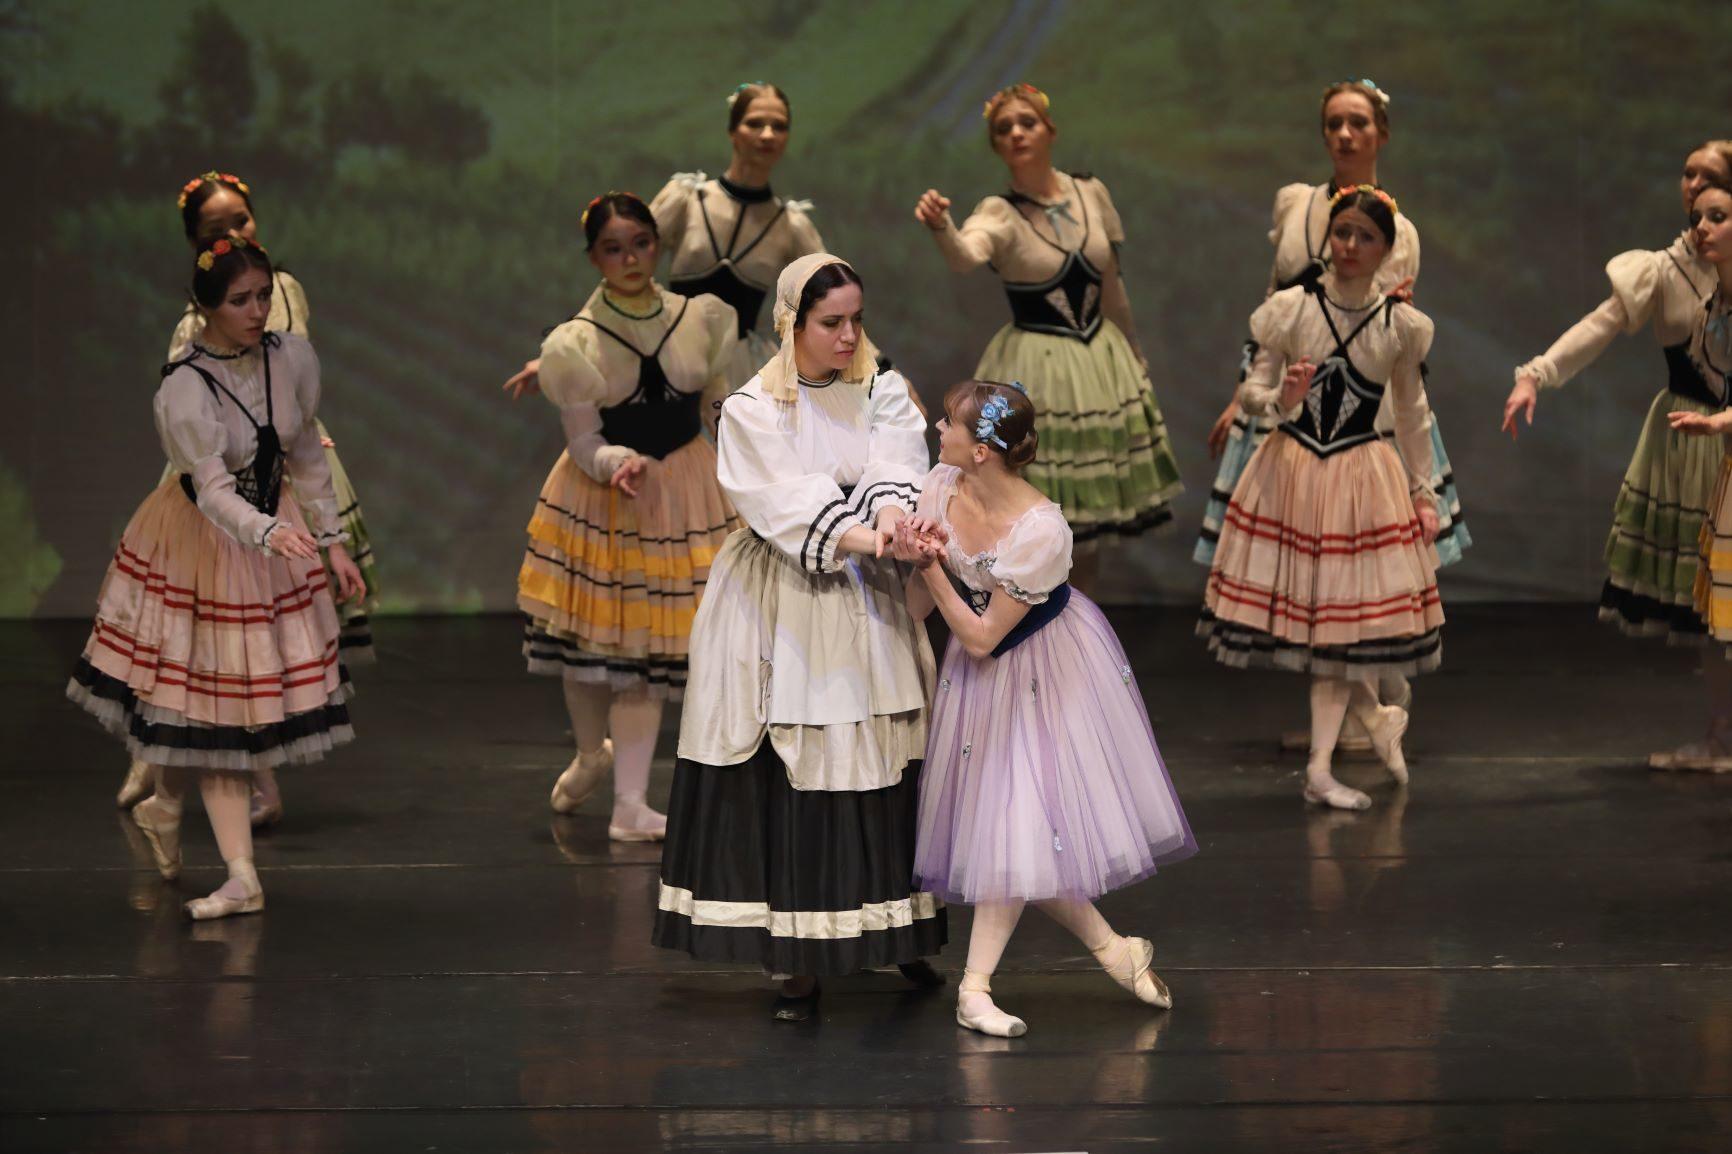 Балет «Жизель» в КЗ «Измайлово» – события на сайте «Московские Сезоны»